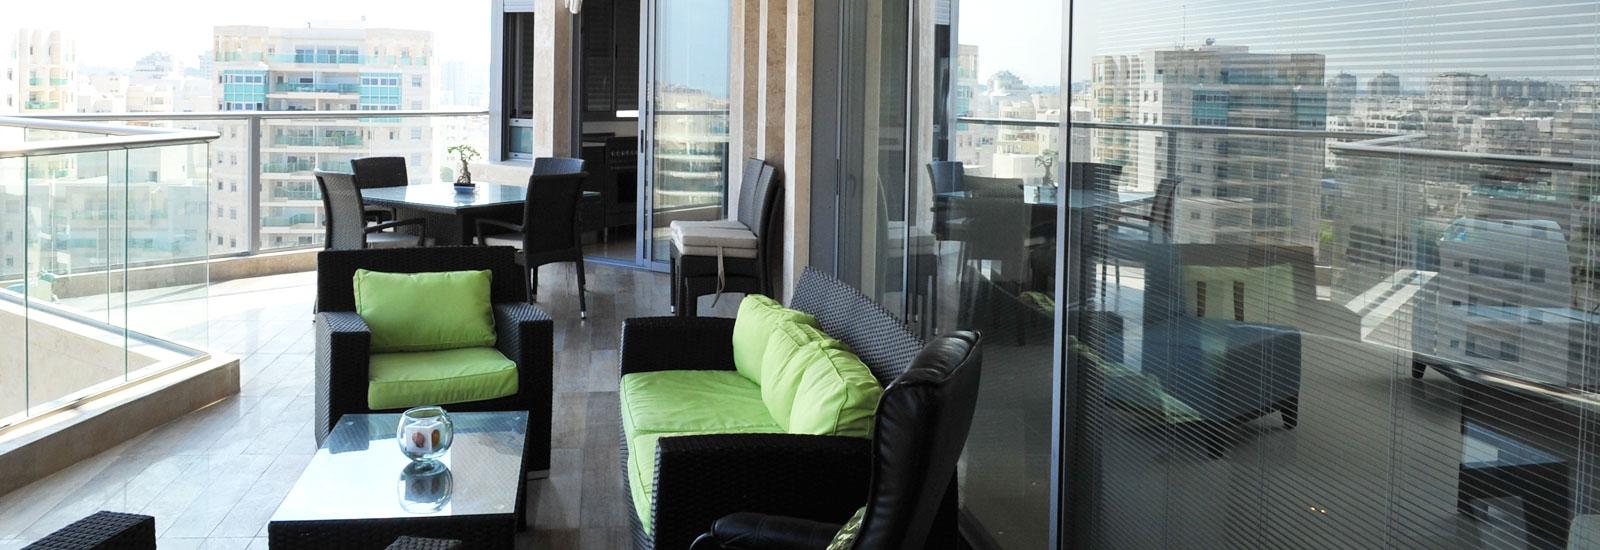 מעצבת מרפסות לדירות, עיצוב מרפסות לדירות, עיצוב פנים למרפסת